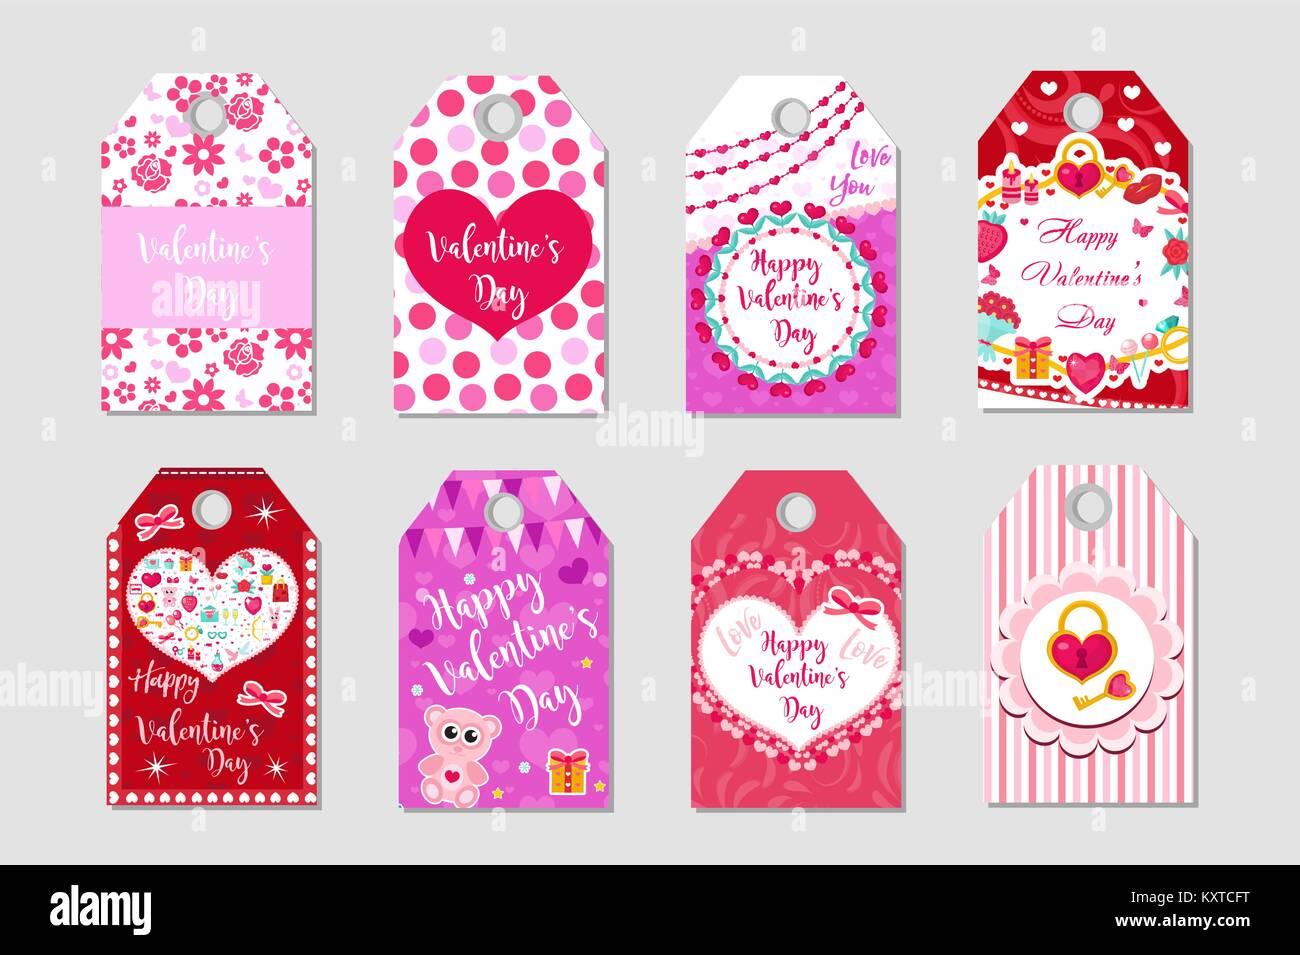 Nett Valentines Flyer Vorlage Zeitgenössisch - Beispiel Business ...